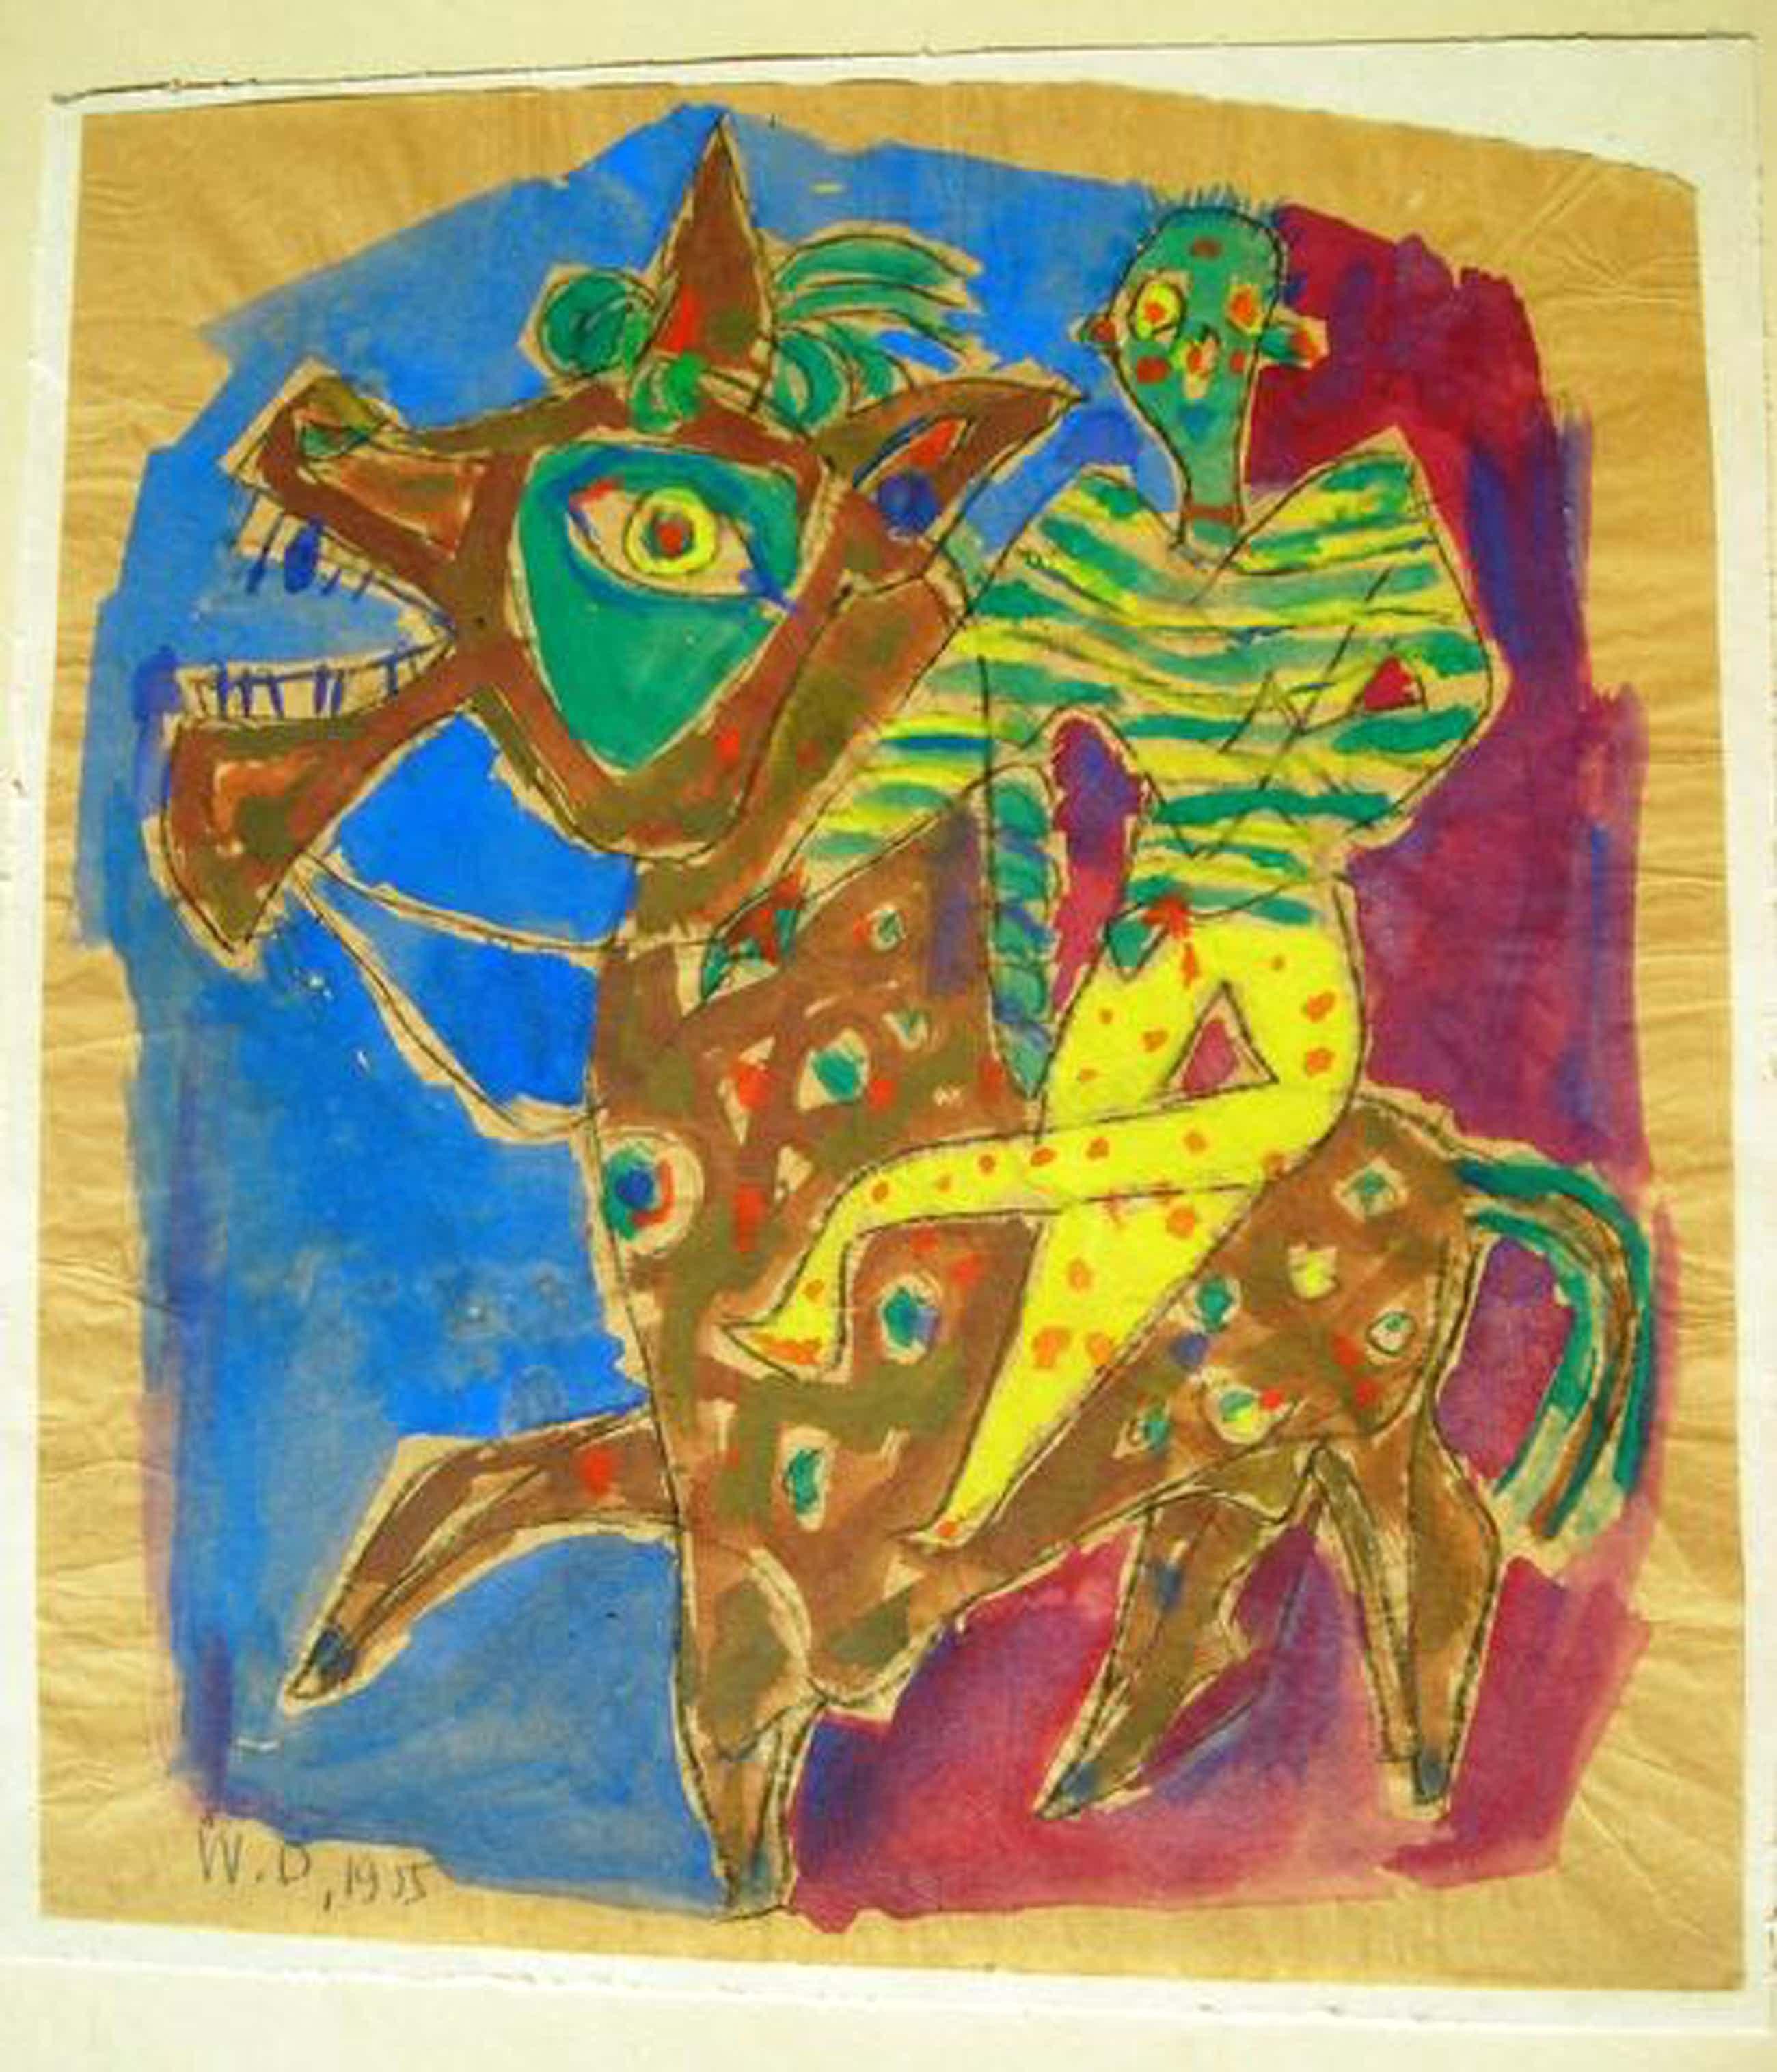 Willi Deutzmann - Clown auf geschmücktem Pferd, Tempera von 1955, monogrammiert kopen? Bied vanaf 360!